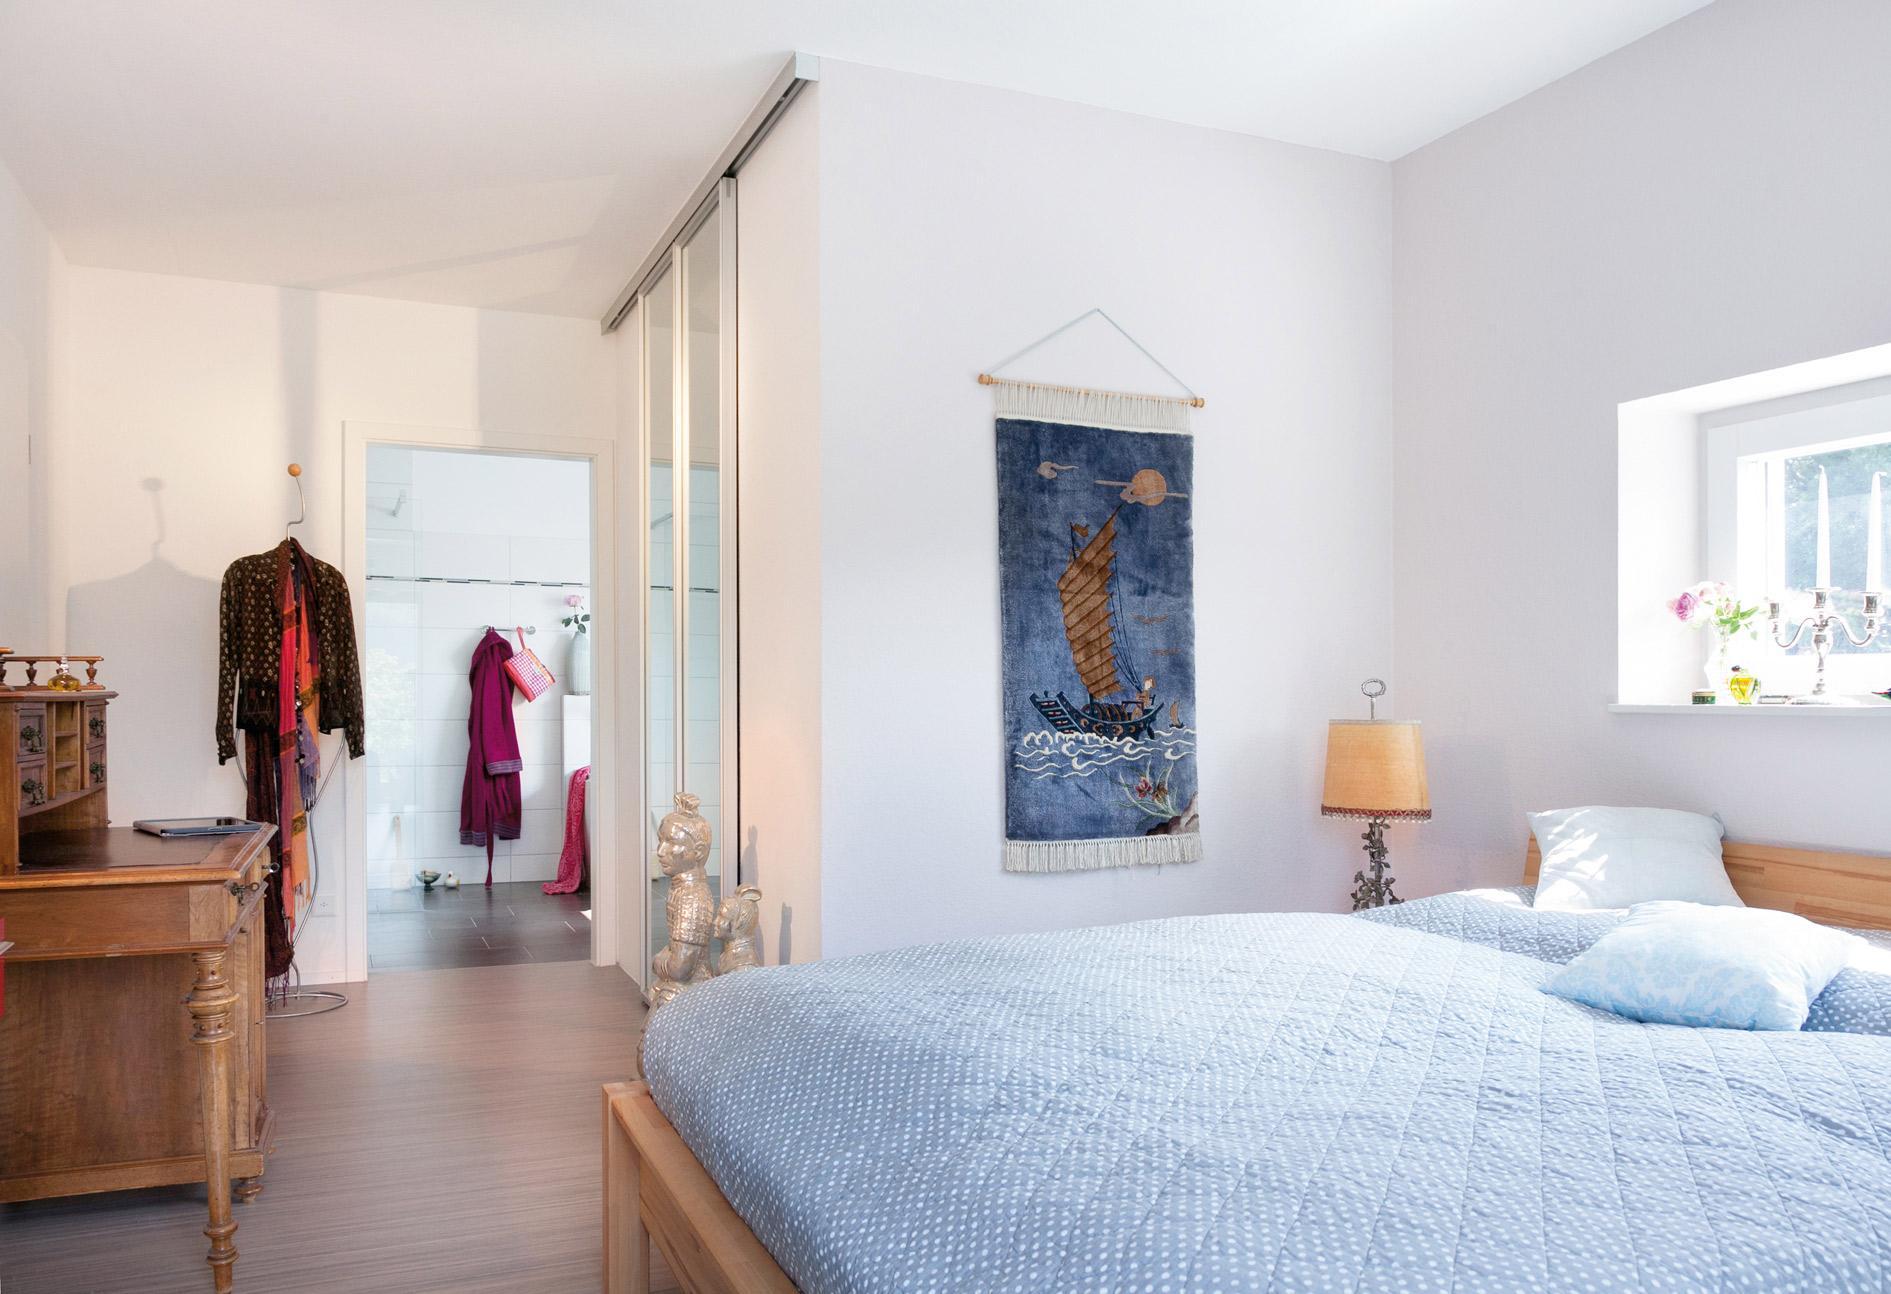 Plan E 20-186.1 - Ein Schlafzimmer mit einem Bett in einem Raum - Schlafzimmer